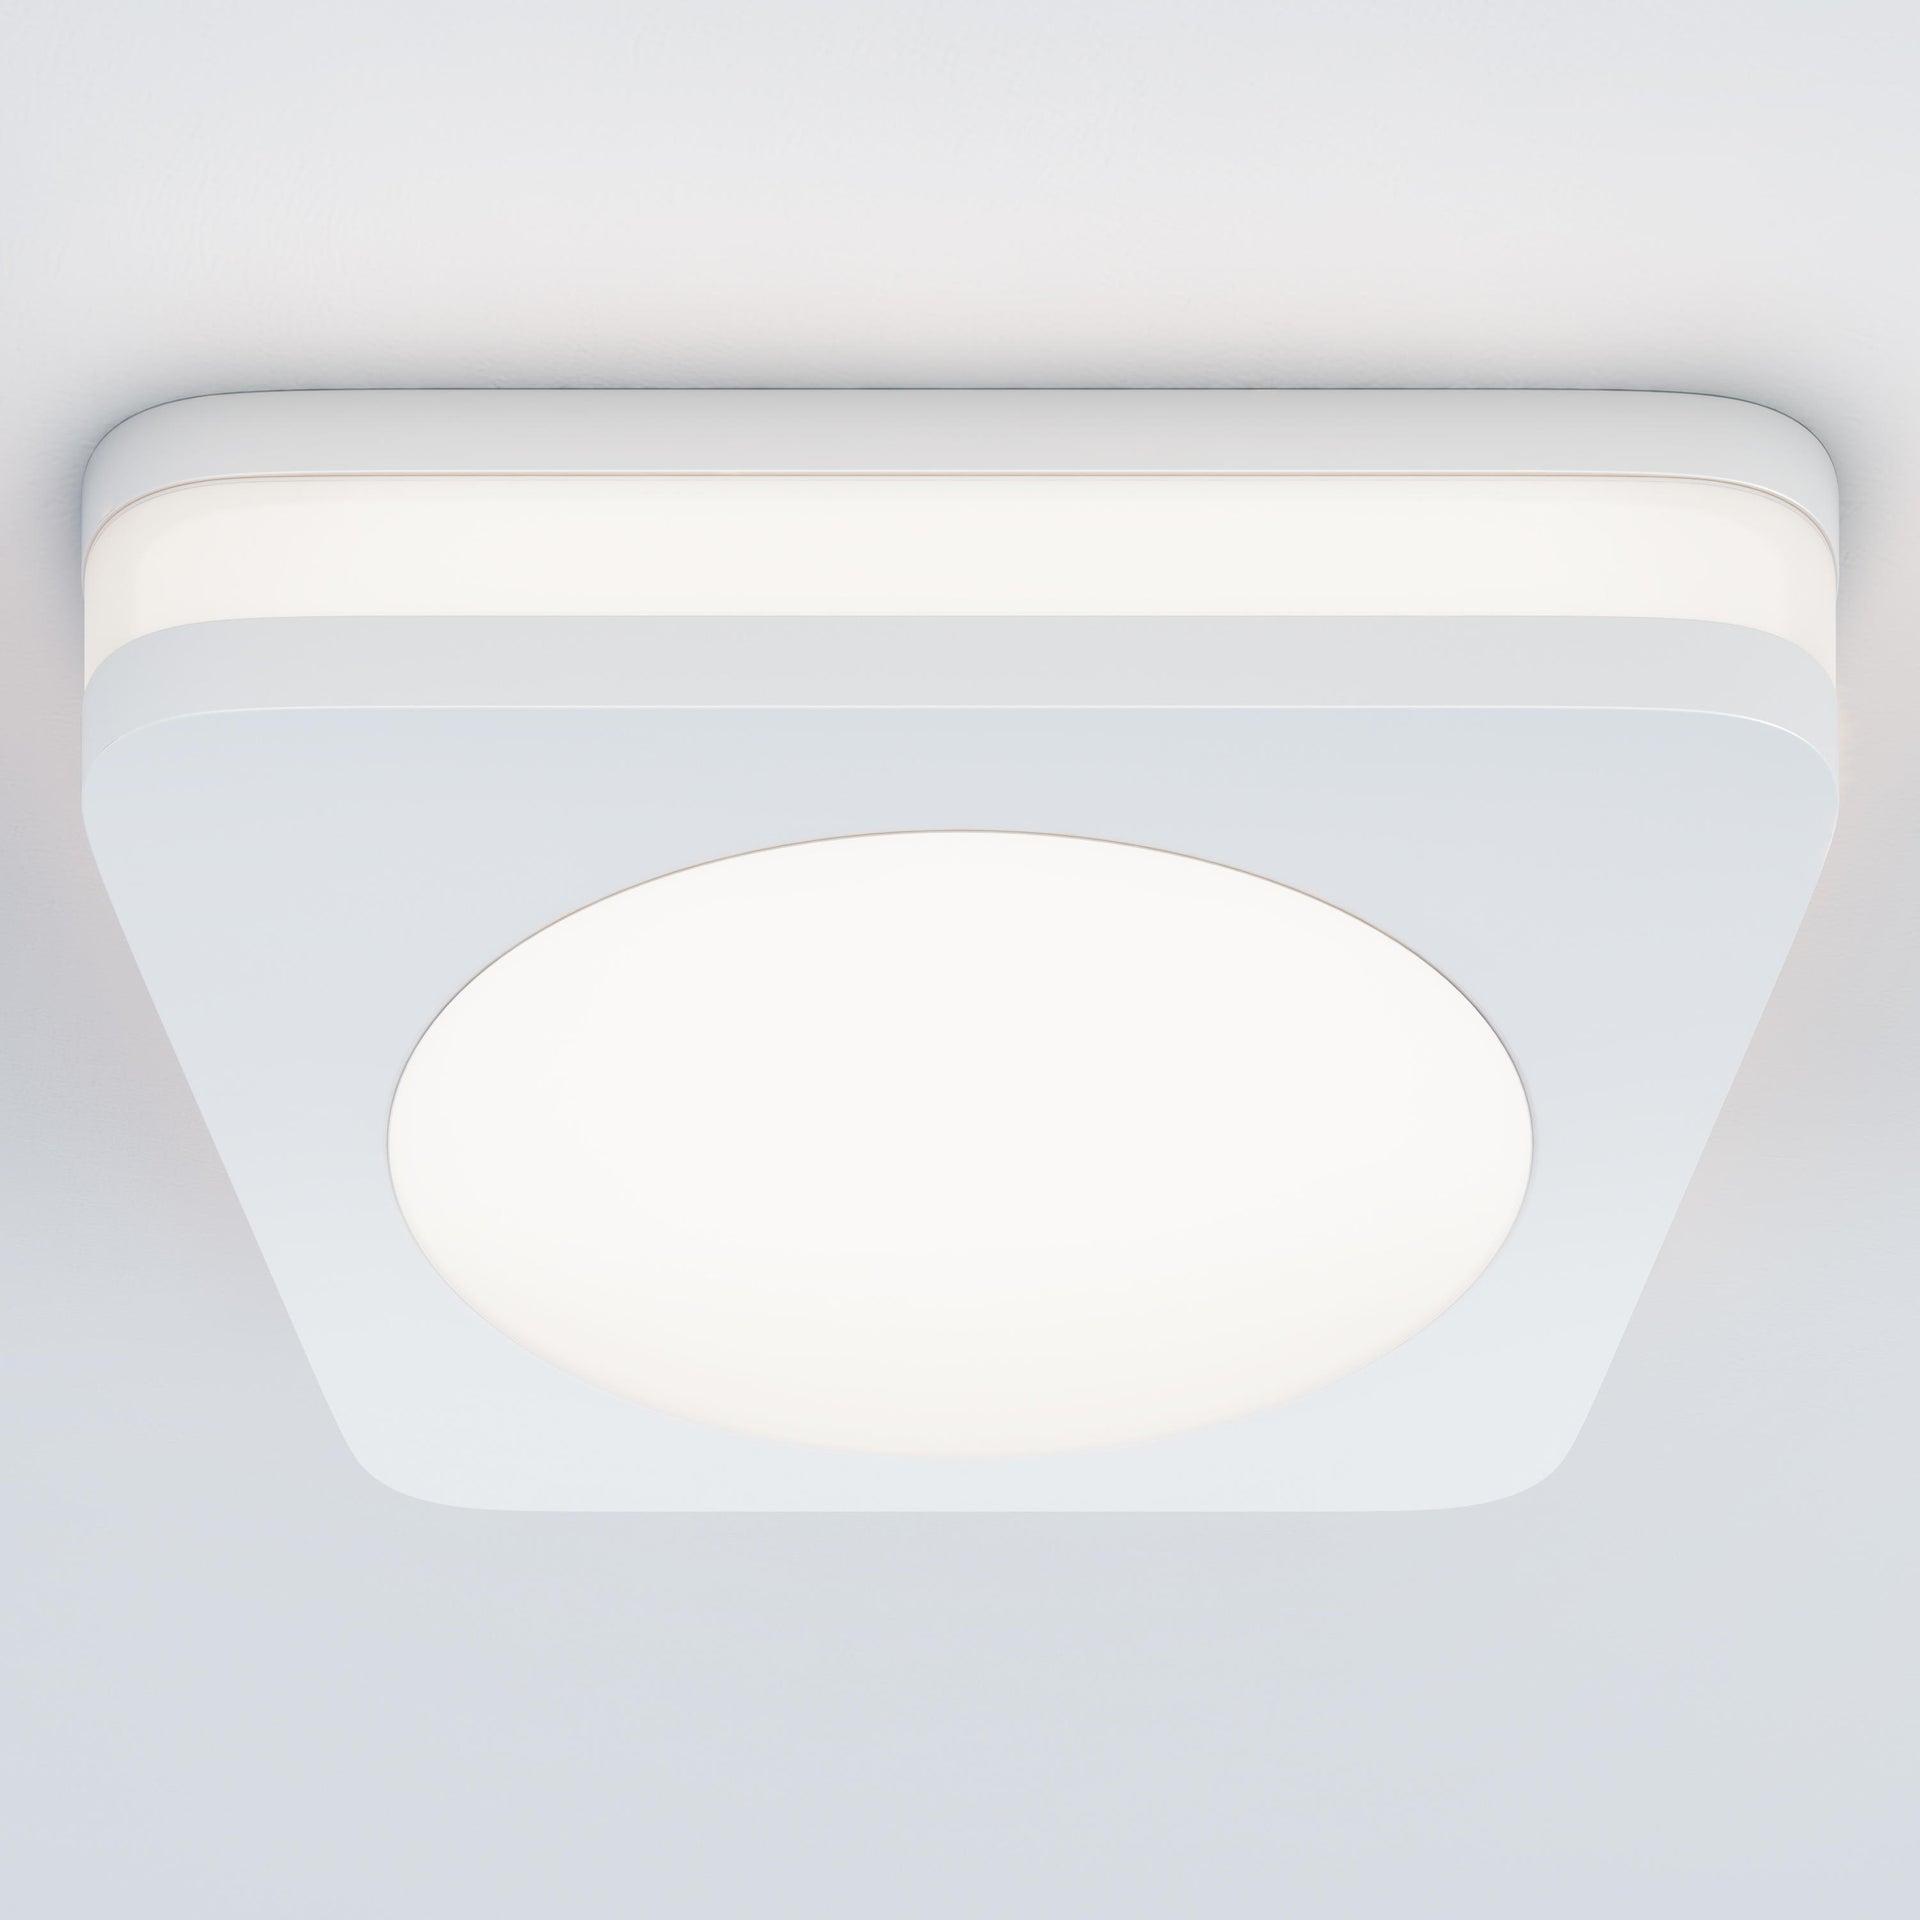 Faretto fisso da incasso quadrato Albina in Alluminio bianco, 8x8cm Diodi LED integrati 6W IP20 INSPIRE - 5